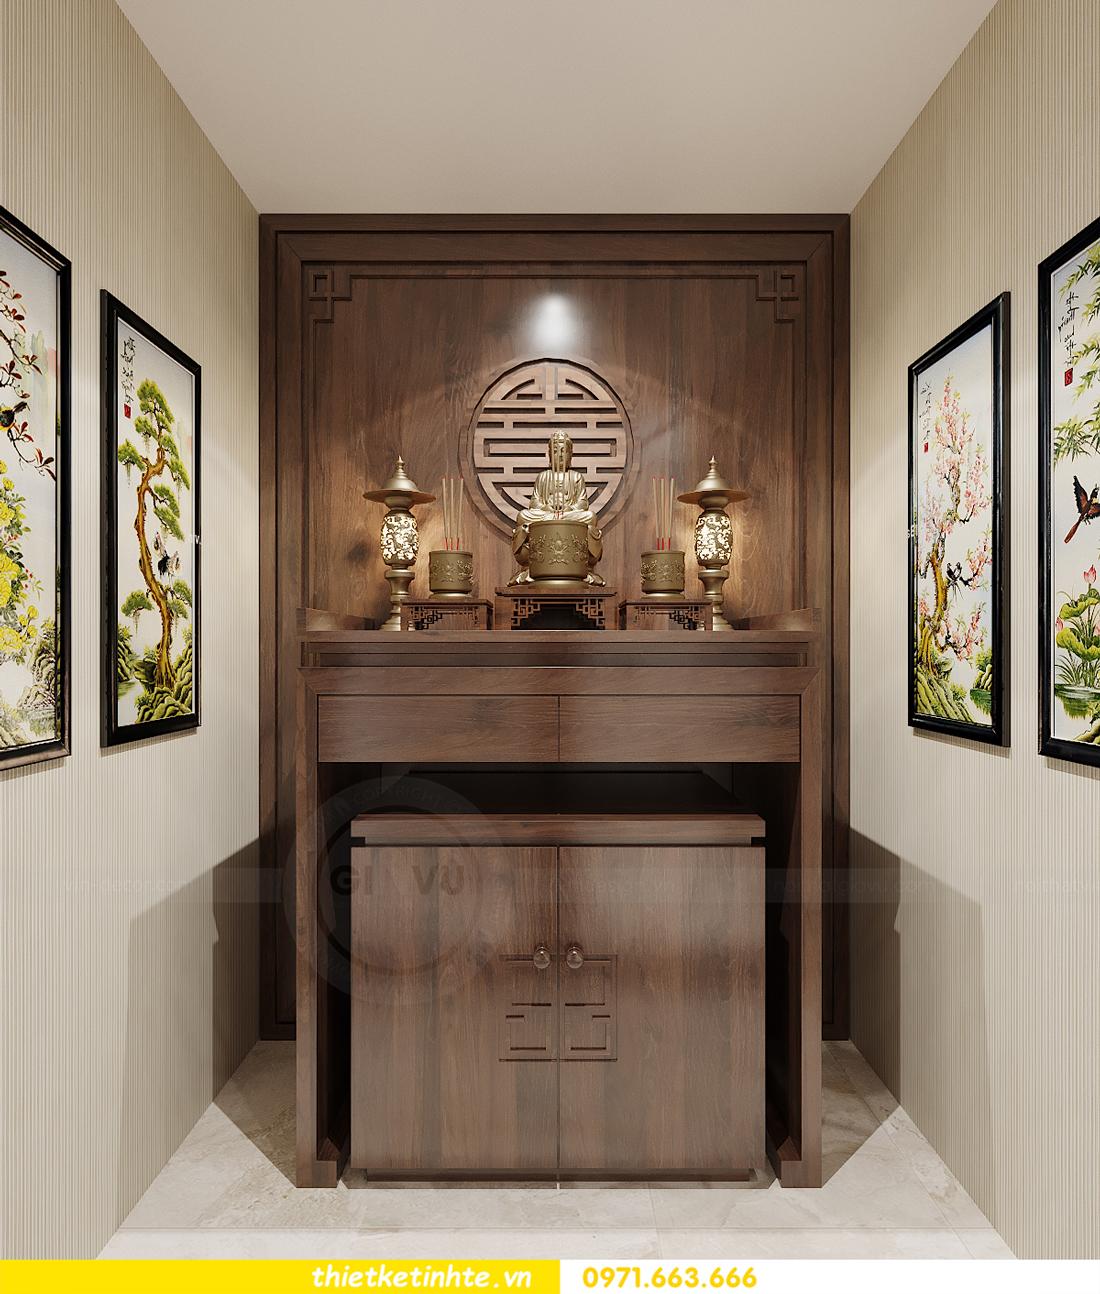 thiết kế nội thất biệt thự OCean Park khu Ngọc Trai nhà anh Tú 22